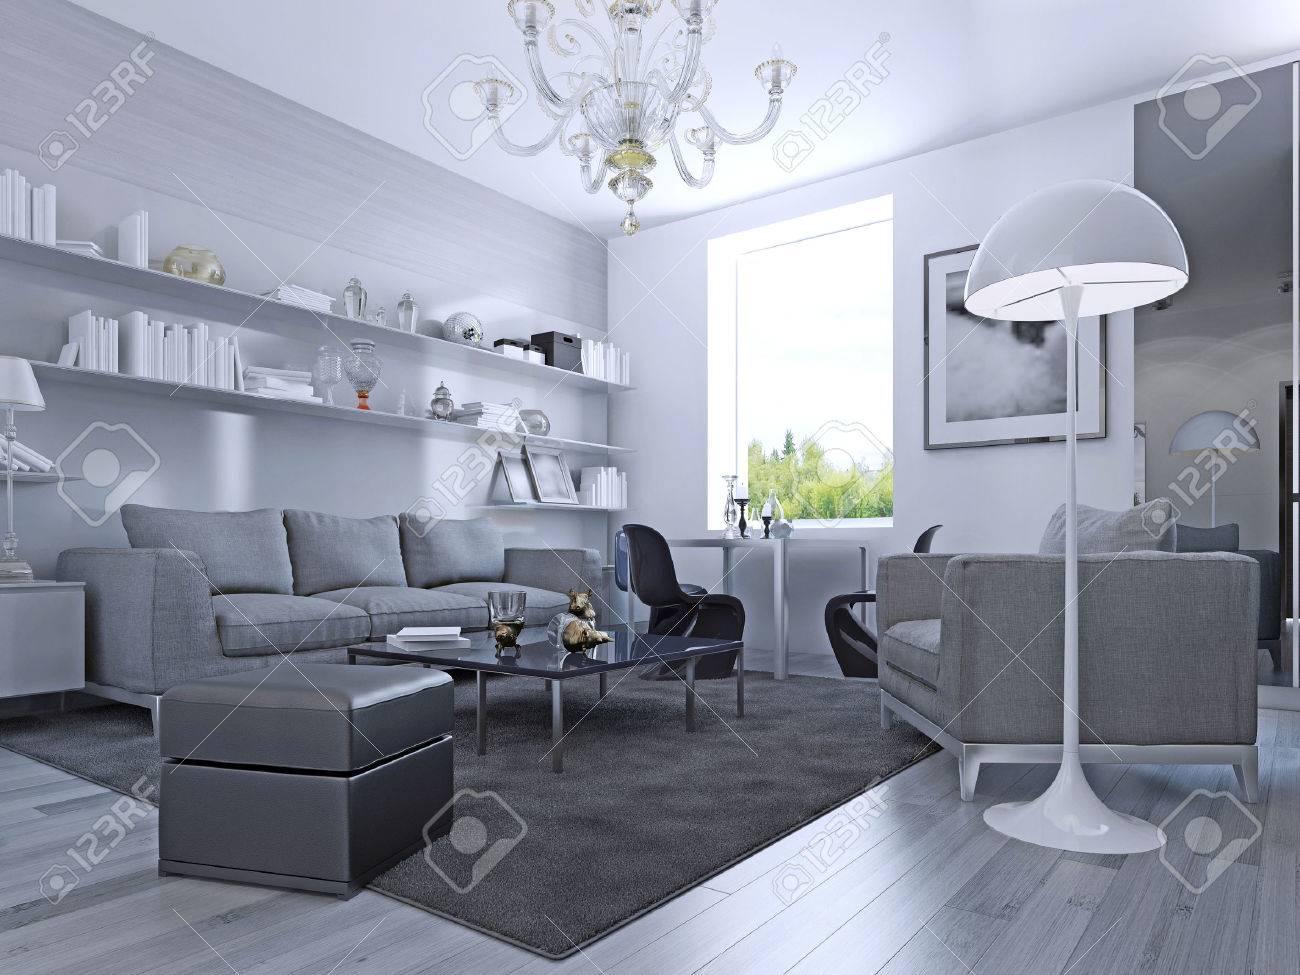 wohnzimmer im modernen stil. elegantes wohnzimmer mit weißen, Wohnzimmer dekoo